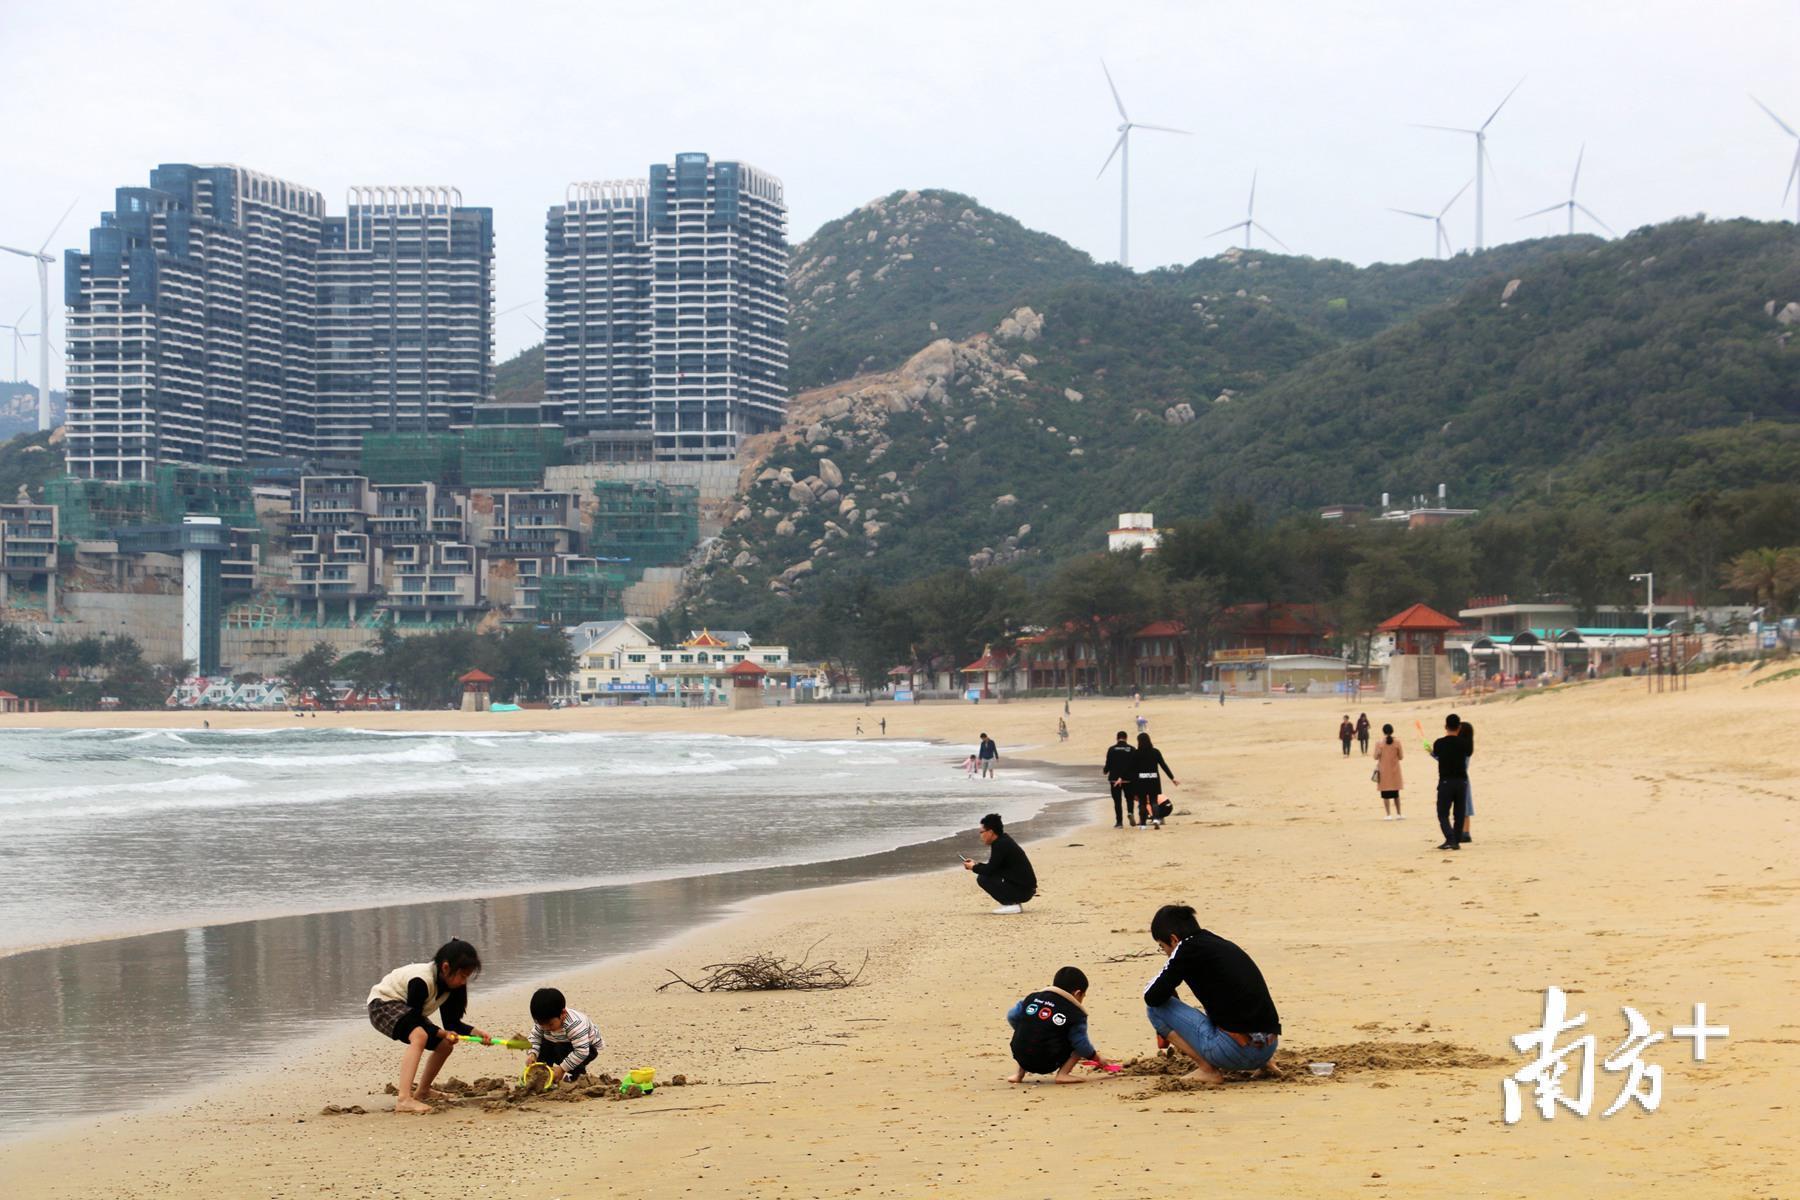 """正值春暖花开,陆续有少量游客到南澳岛享受沙滩""""阳光浴""""。"""